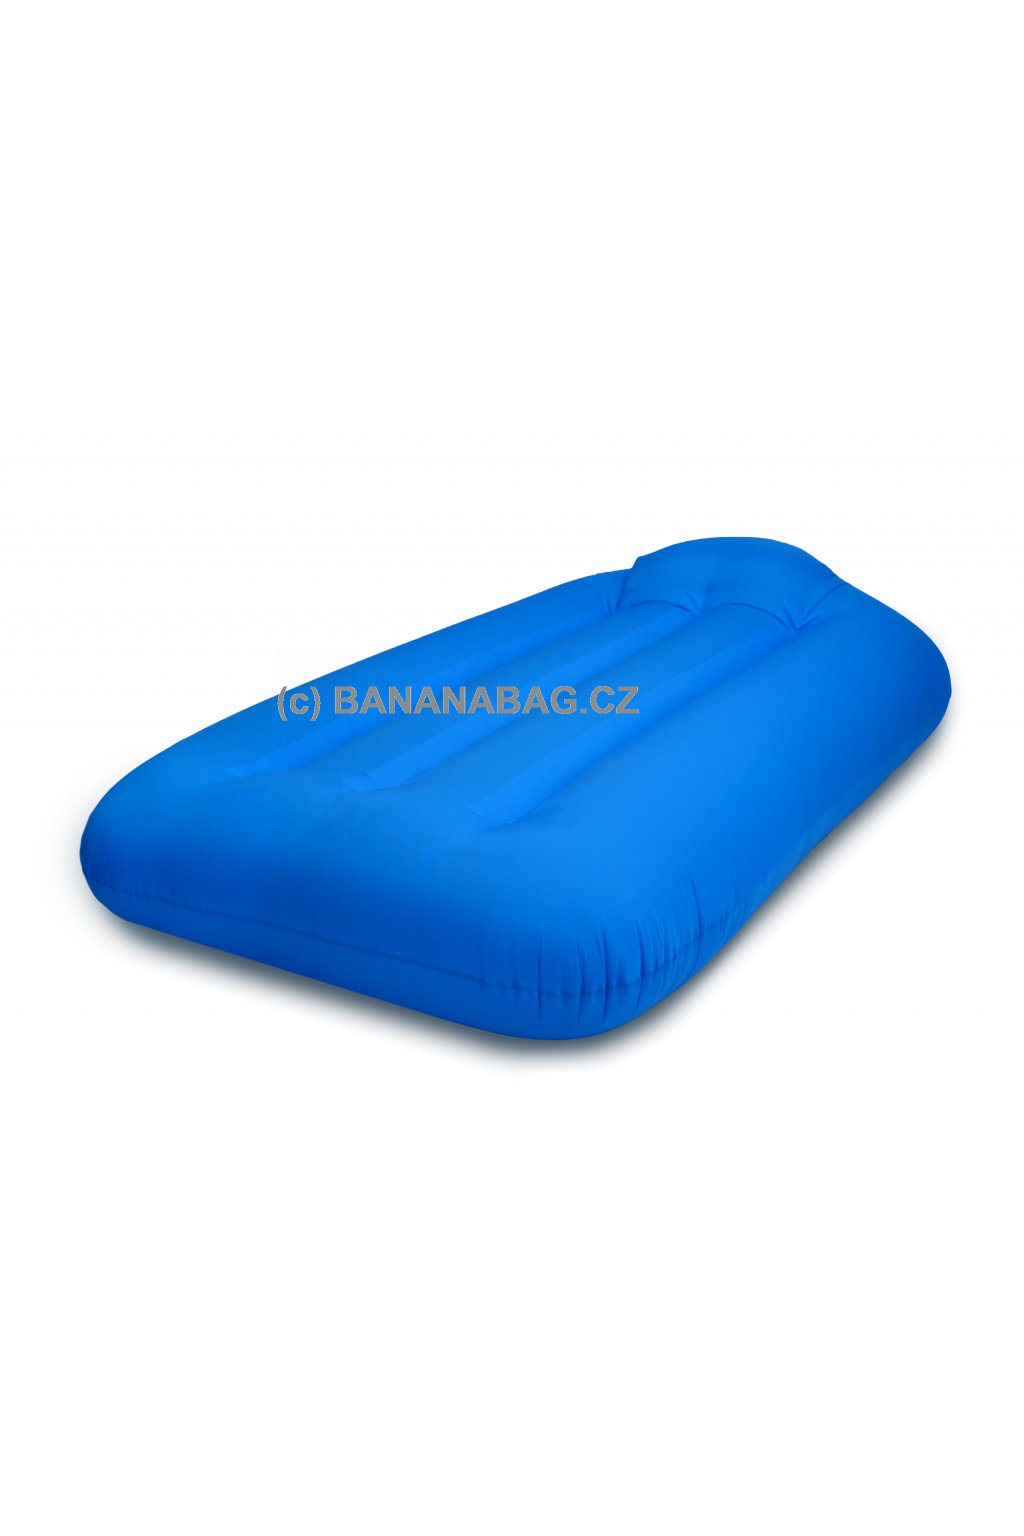 Lazy bag Bananabag Bed NANO 2019